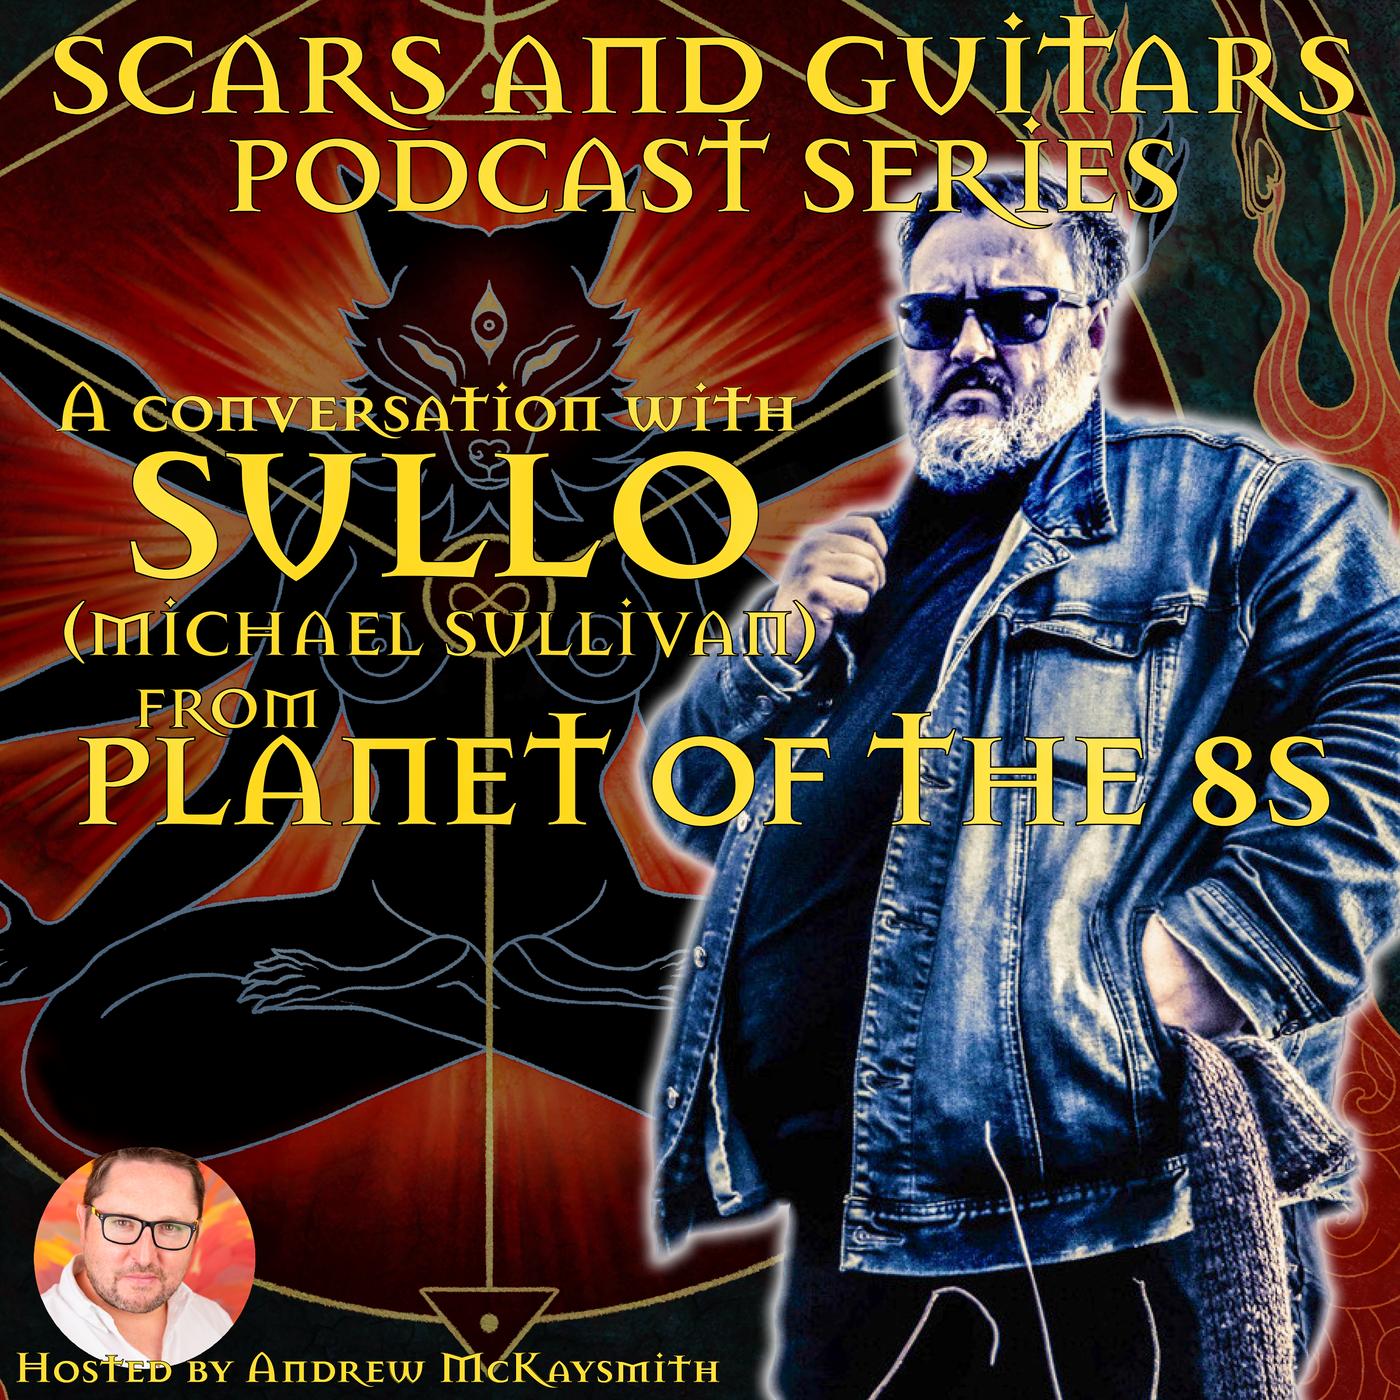 Michael 'Sullo' Sullivan (Planet of the 8s)